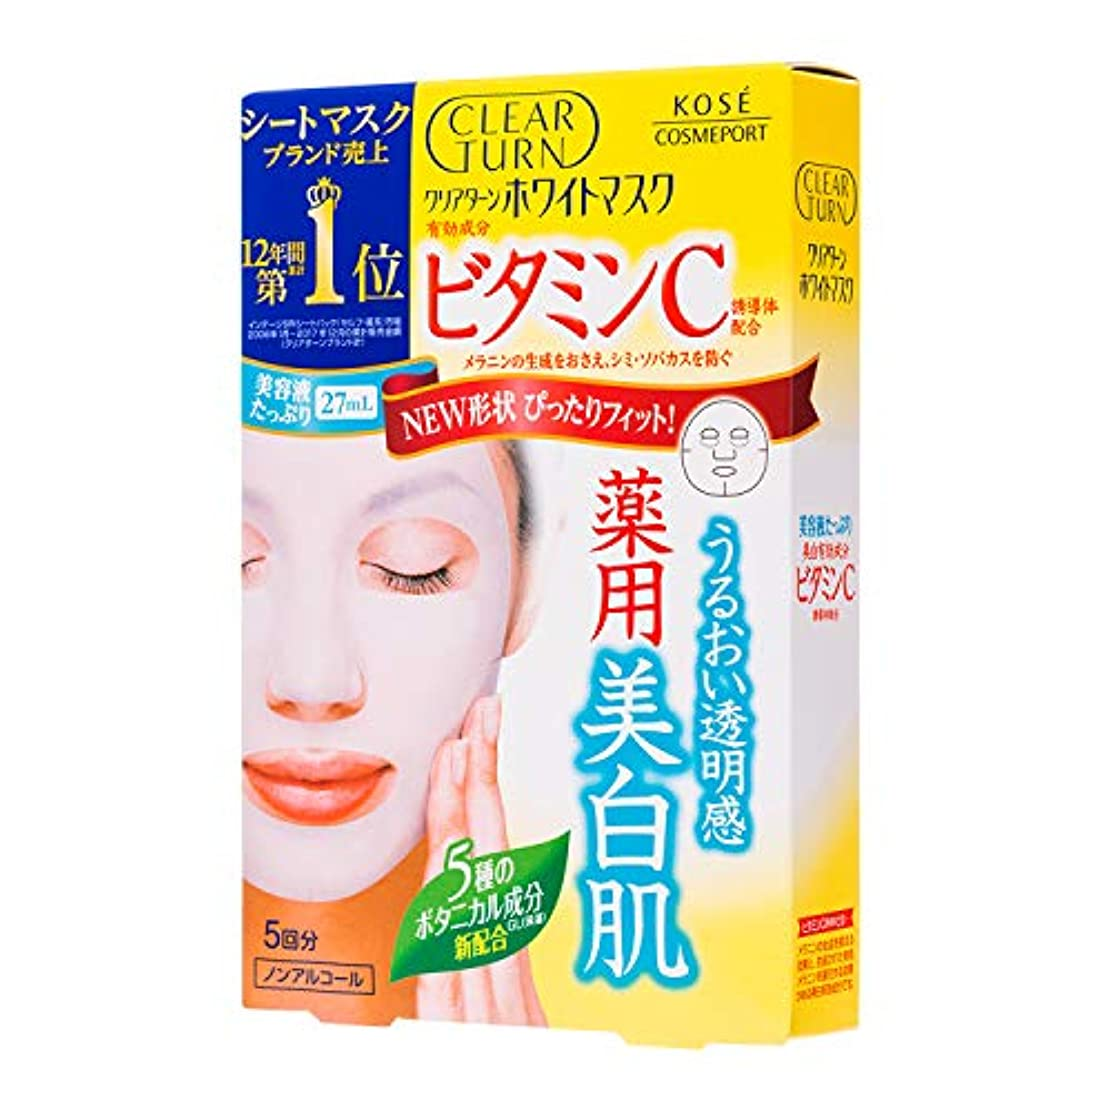 ローズセラー作成するKOSE コーセー クリアターン ホワイト マスク VC (ビタミンC) 5枚 フェイスマスク